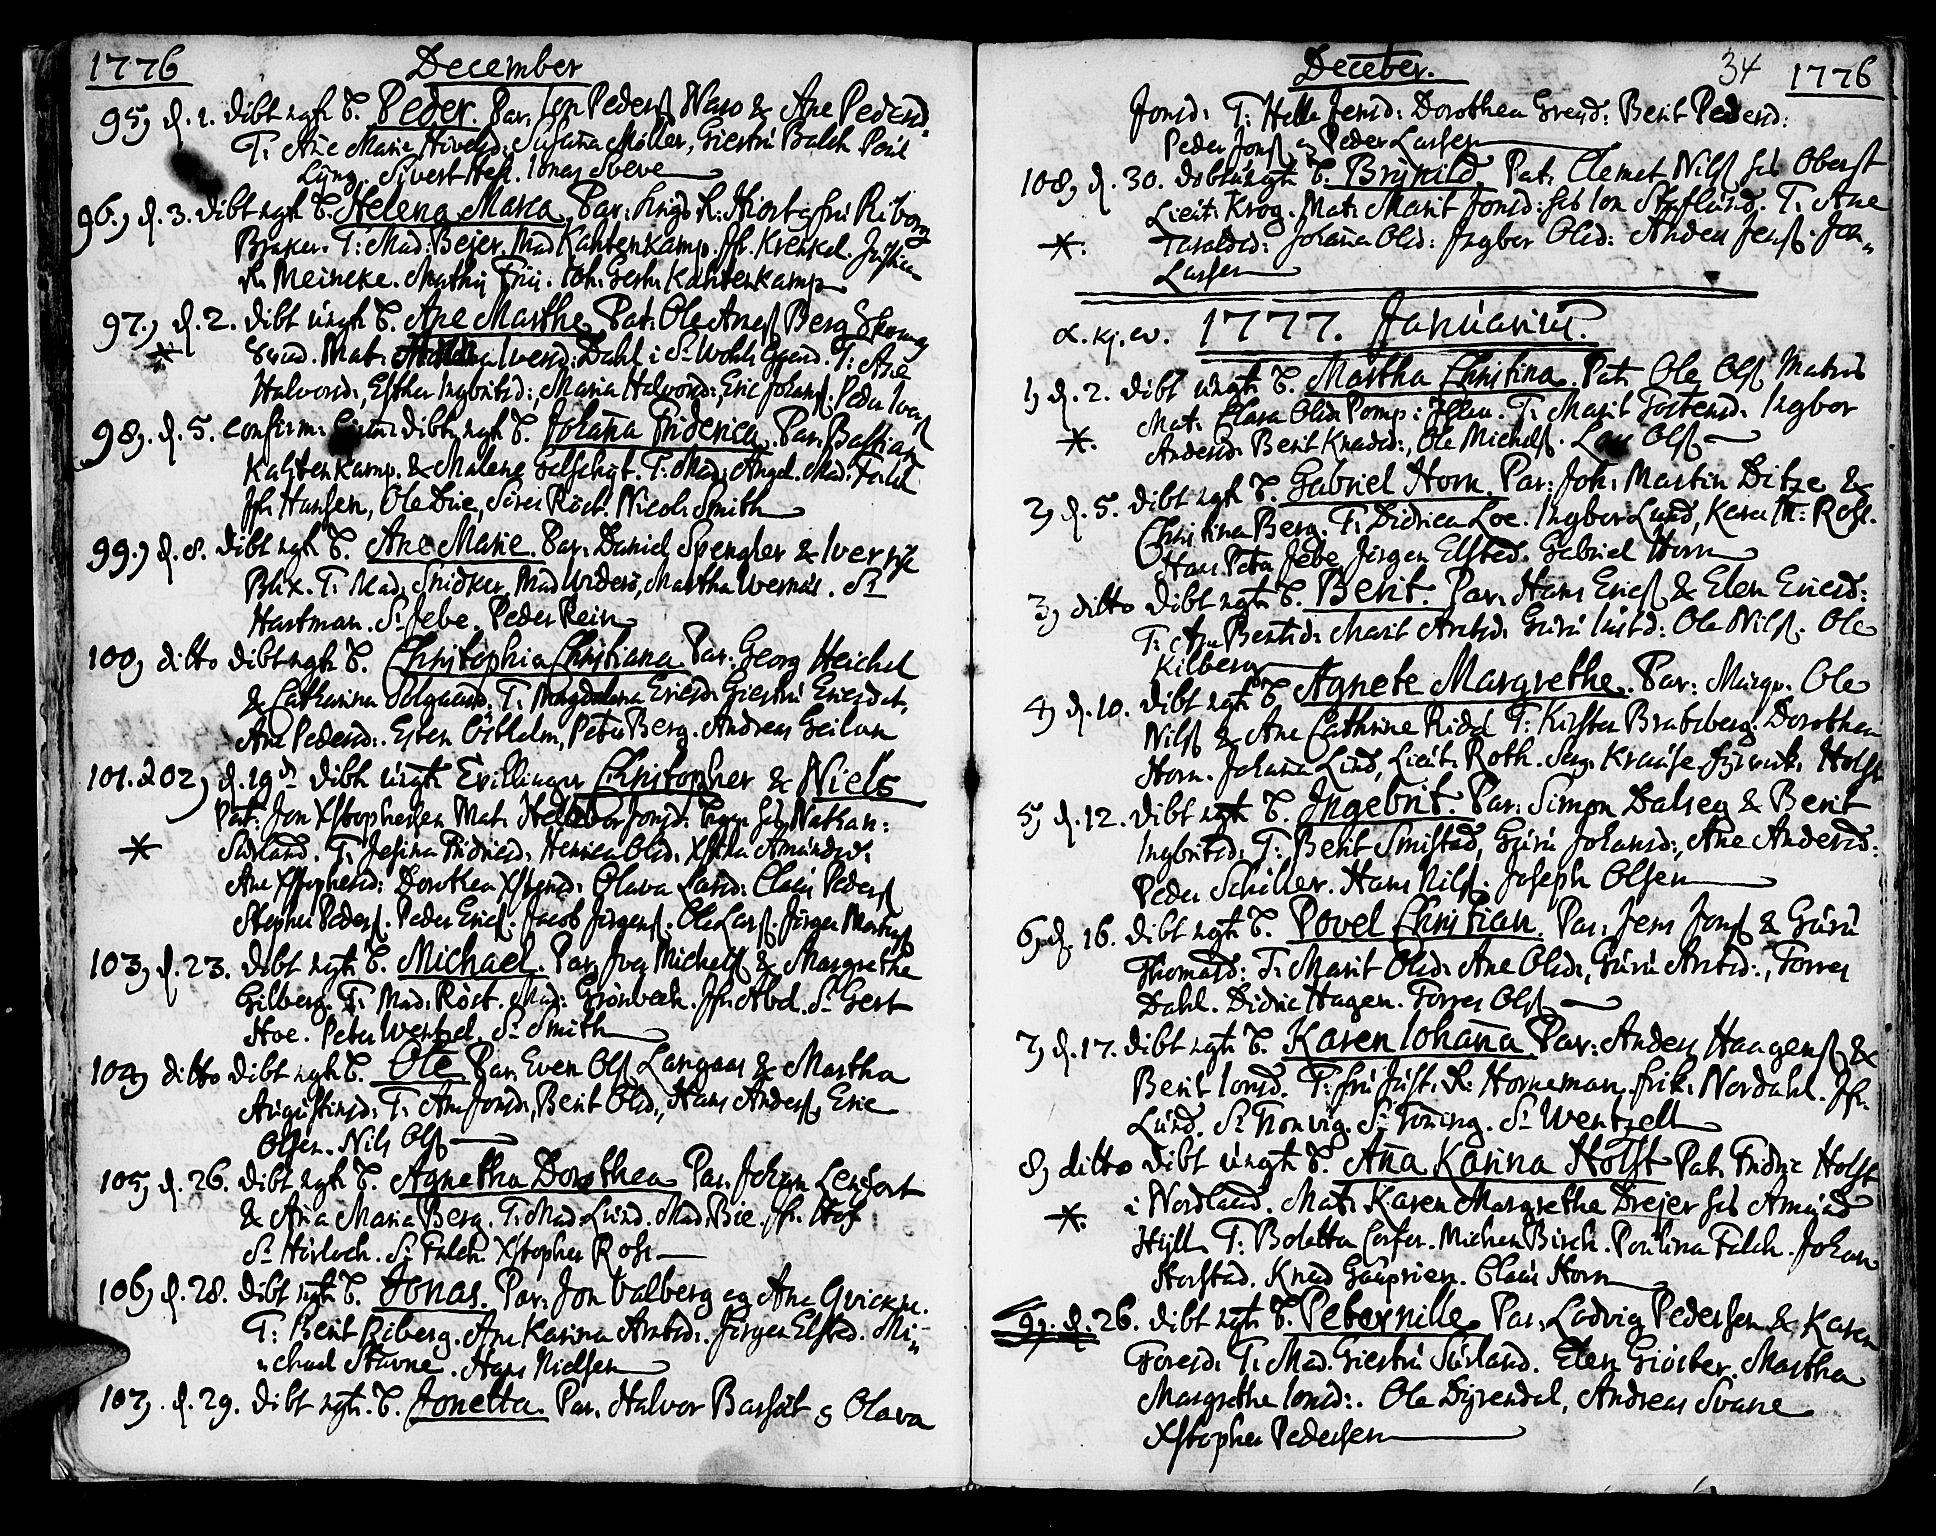 SAT, Ministerialprotokoller, klokkerbøker og fødselsregistre - Sør-Trøndelag, 601/L0039: Ministerialbok nr. 601A07, 1770-1819, s. 34